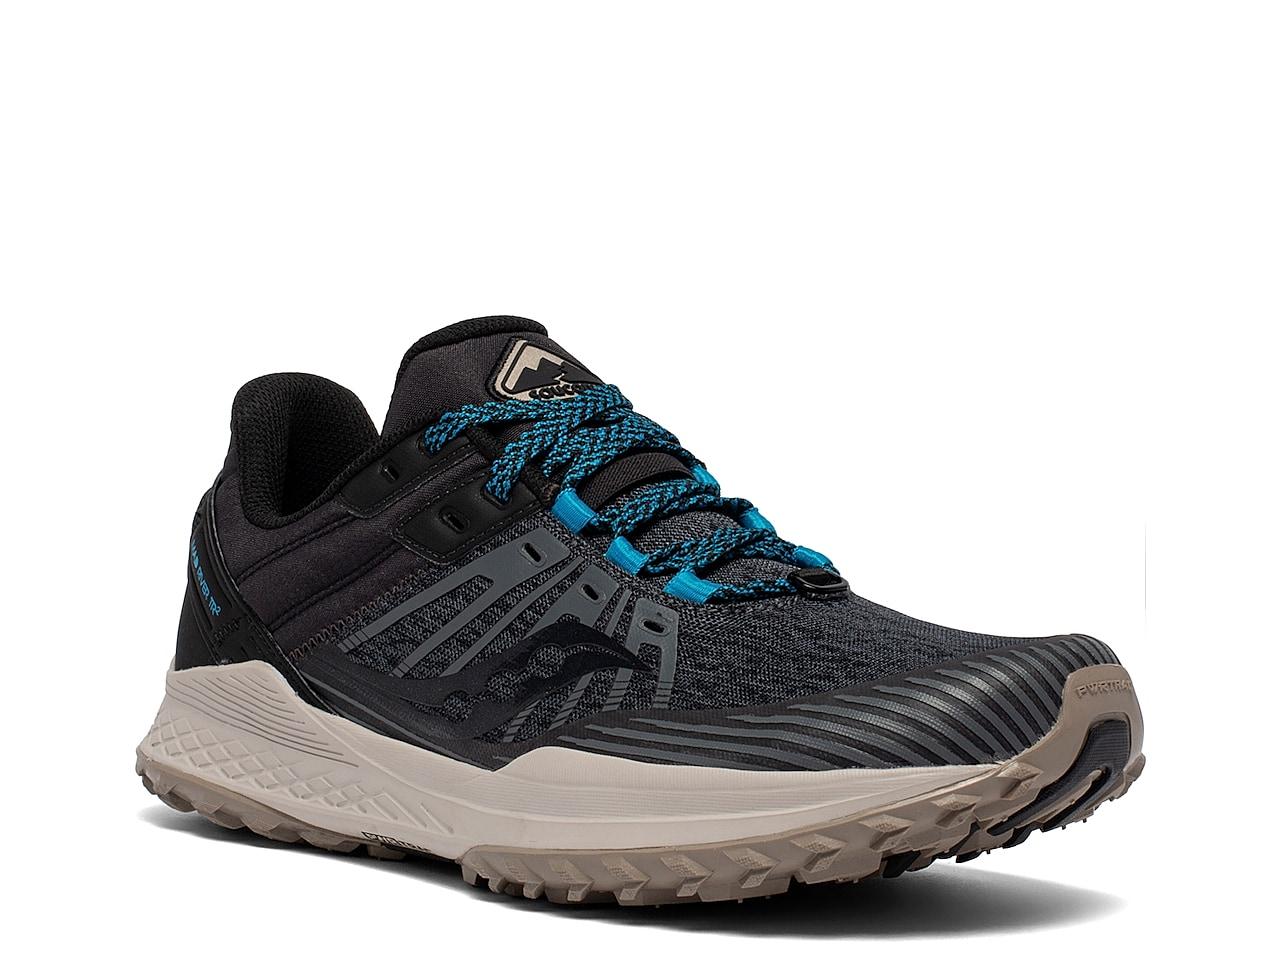 Saucony Mad River TR 2 Trail Shoe - Men's